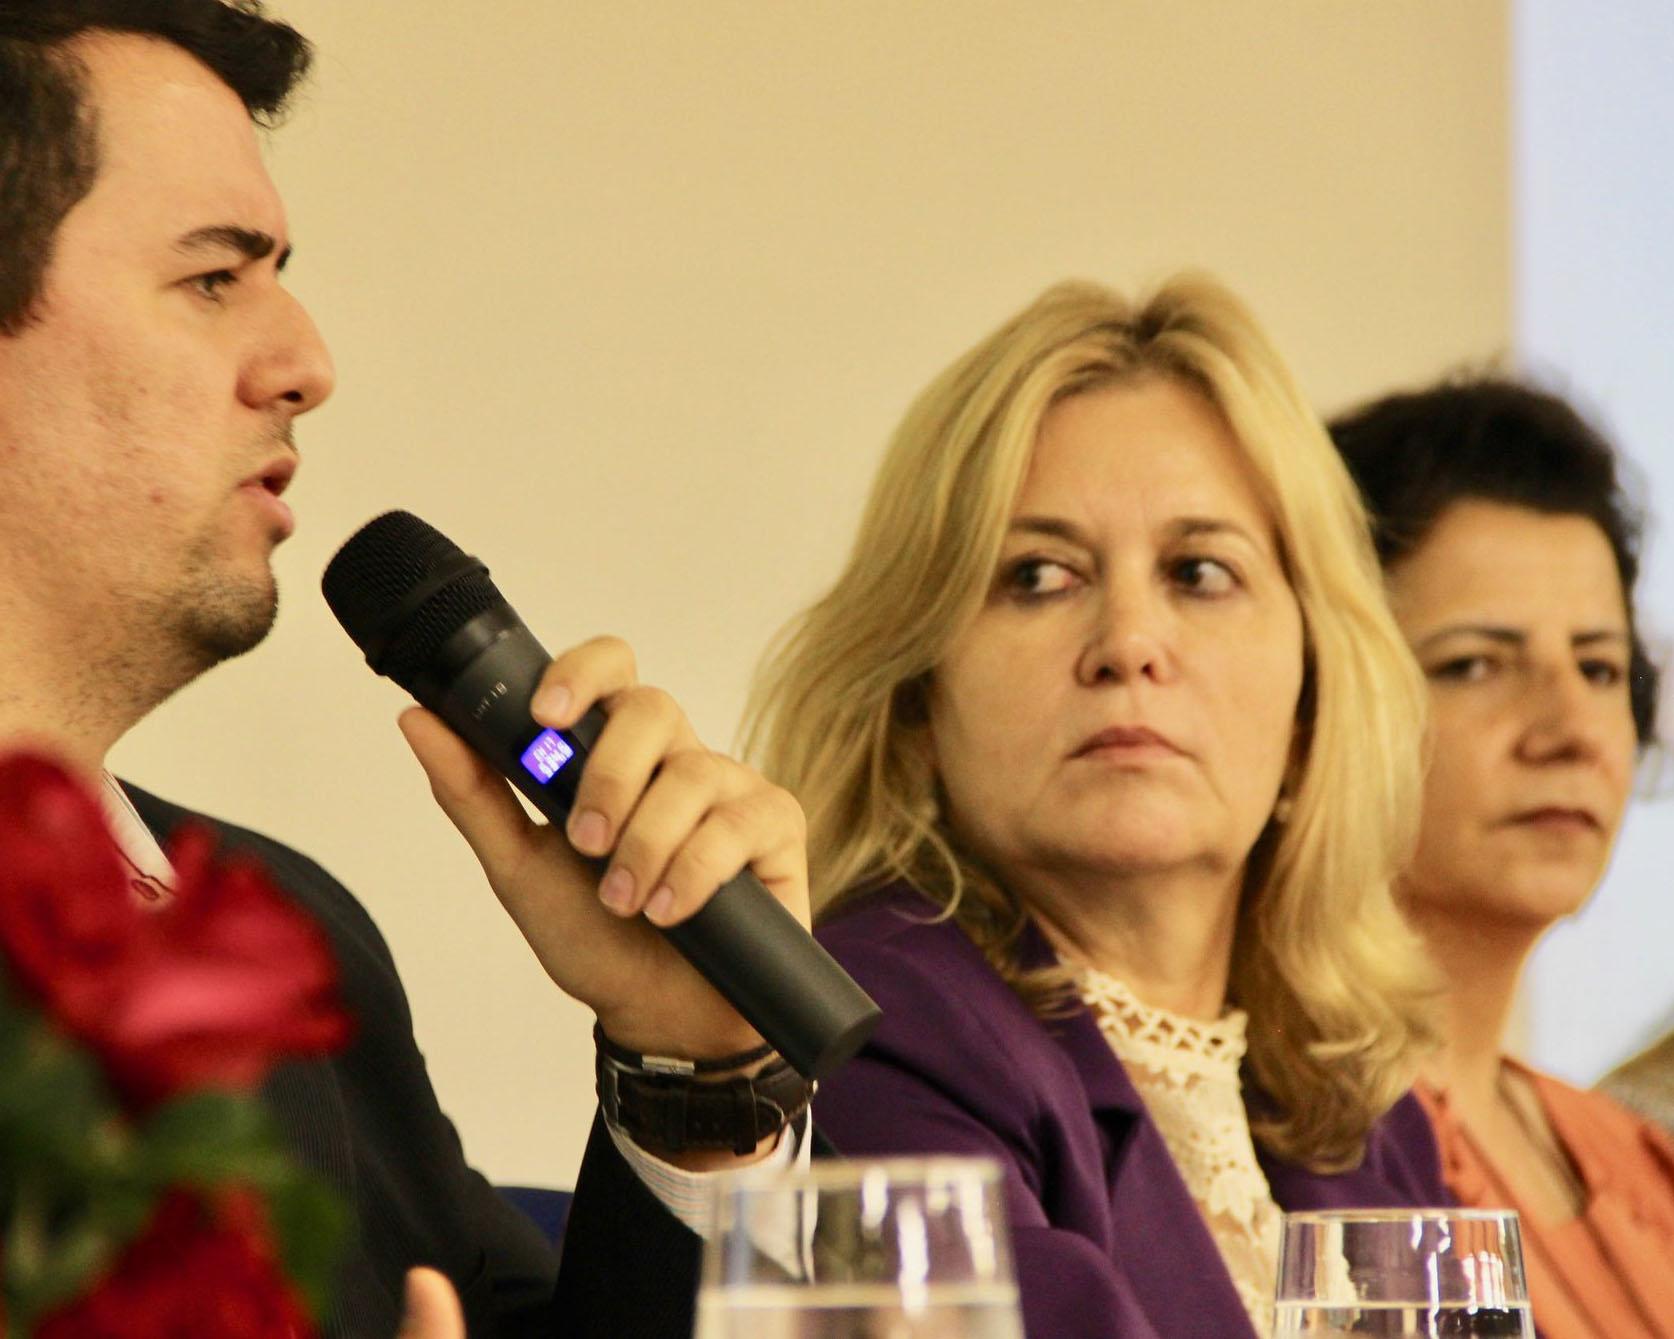 XII Congresso Brasileiro de Agroinformática discute a Internet das Coisas